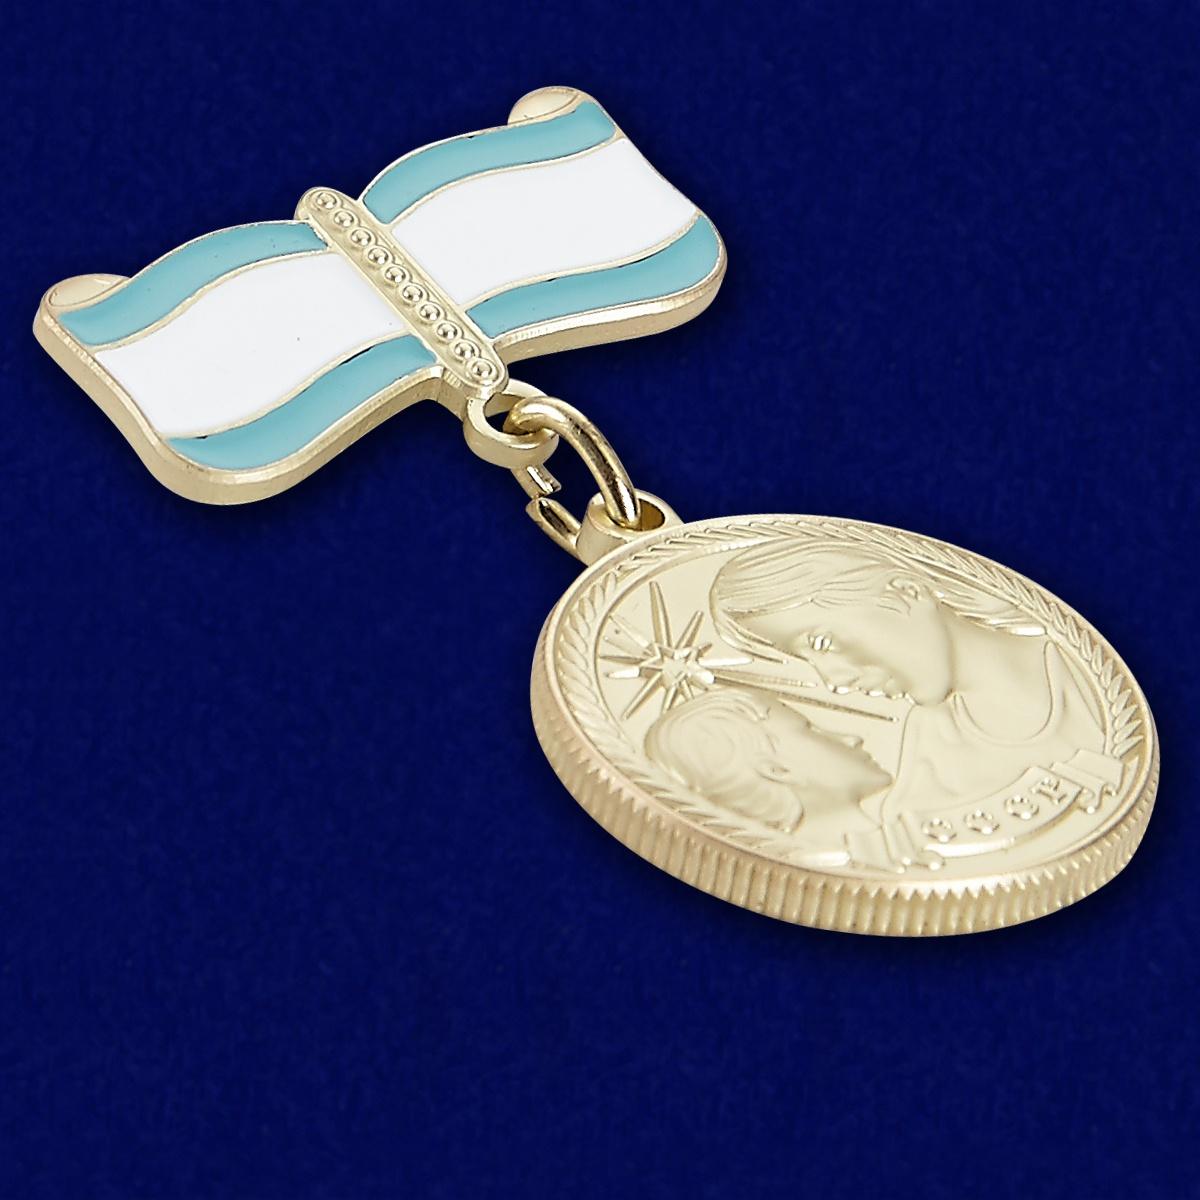 Медаль Материнства СССР 2 степени (муляж) - вид под углом